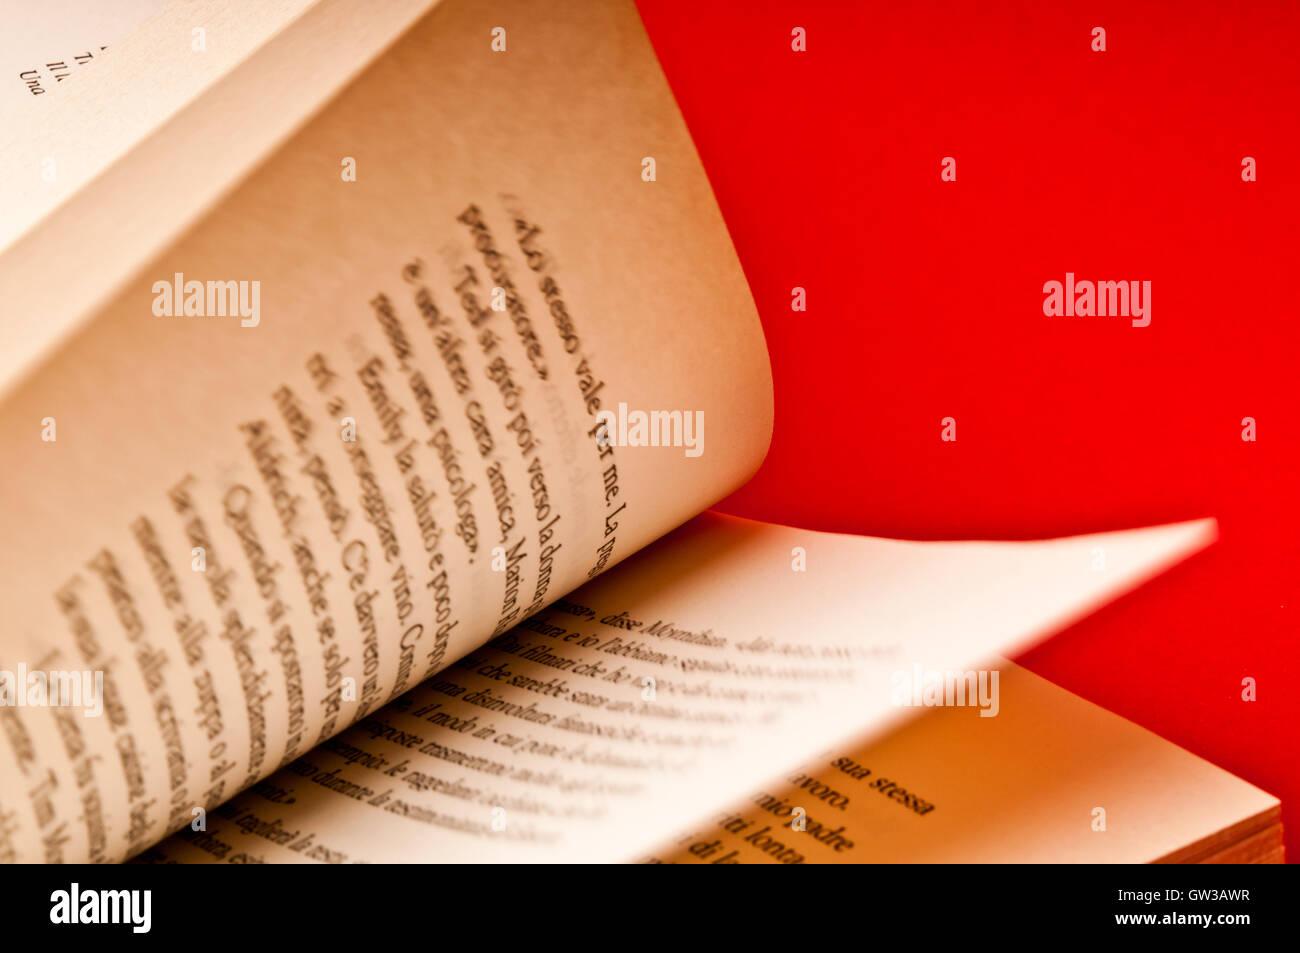 Voltear páginas de libros Imagen De Stock